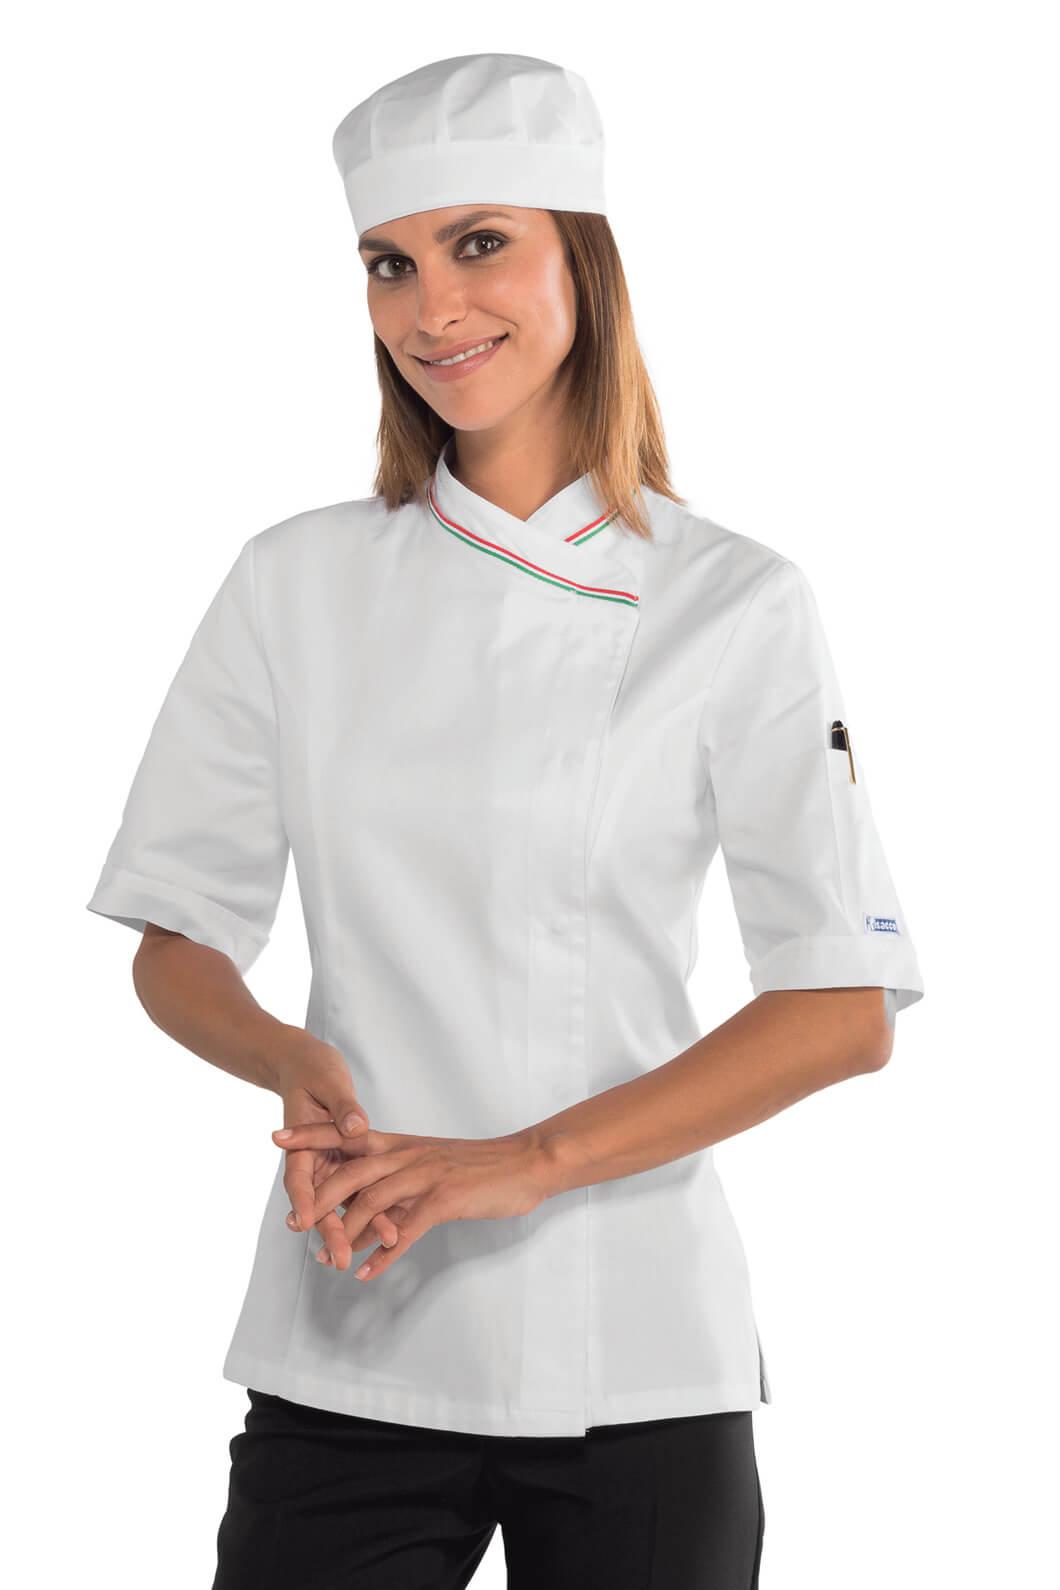 9ad191be00b81 Vêtements Boulangerie et Patîsserie - Vestes de Boulanger - mylookpro.com